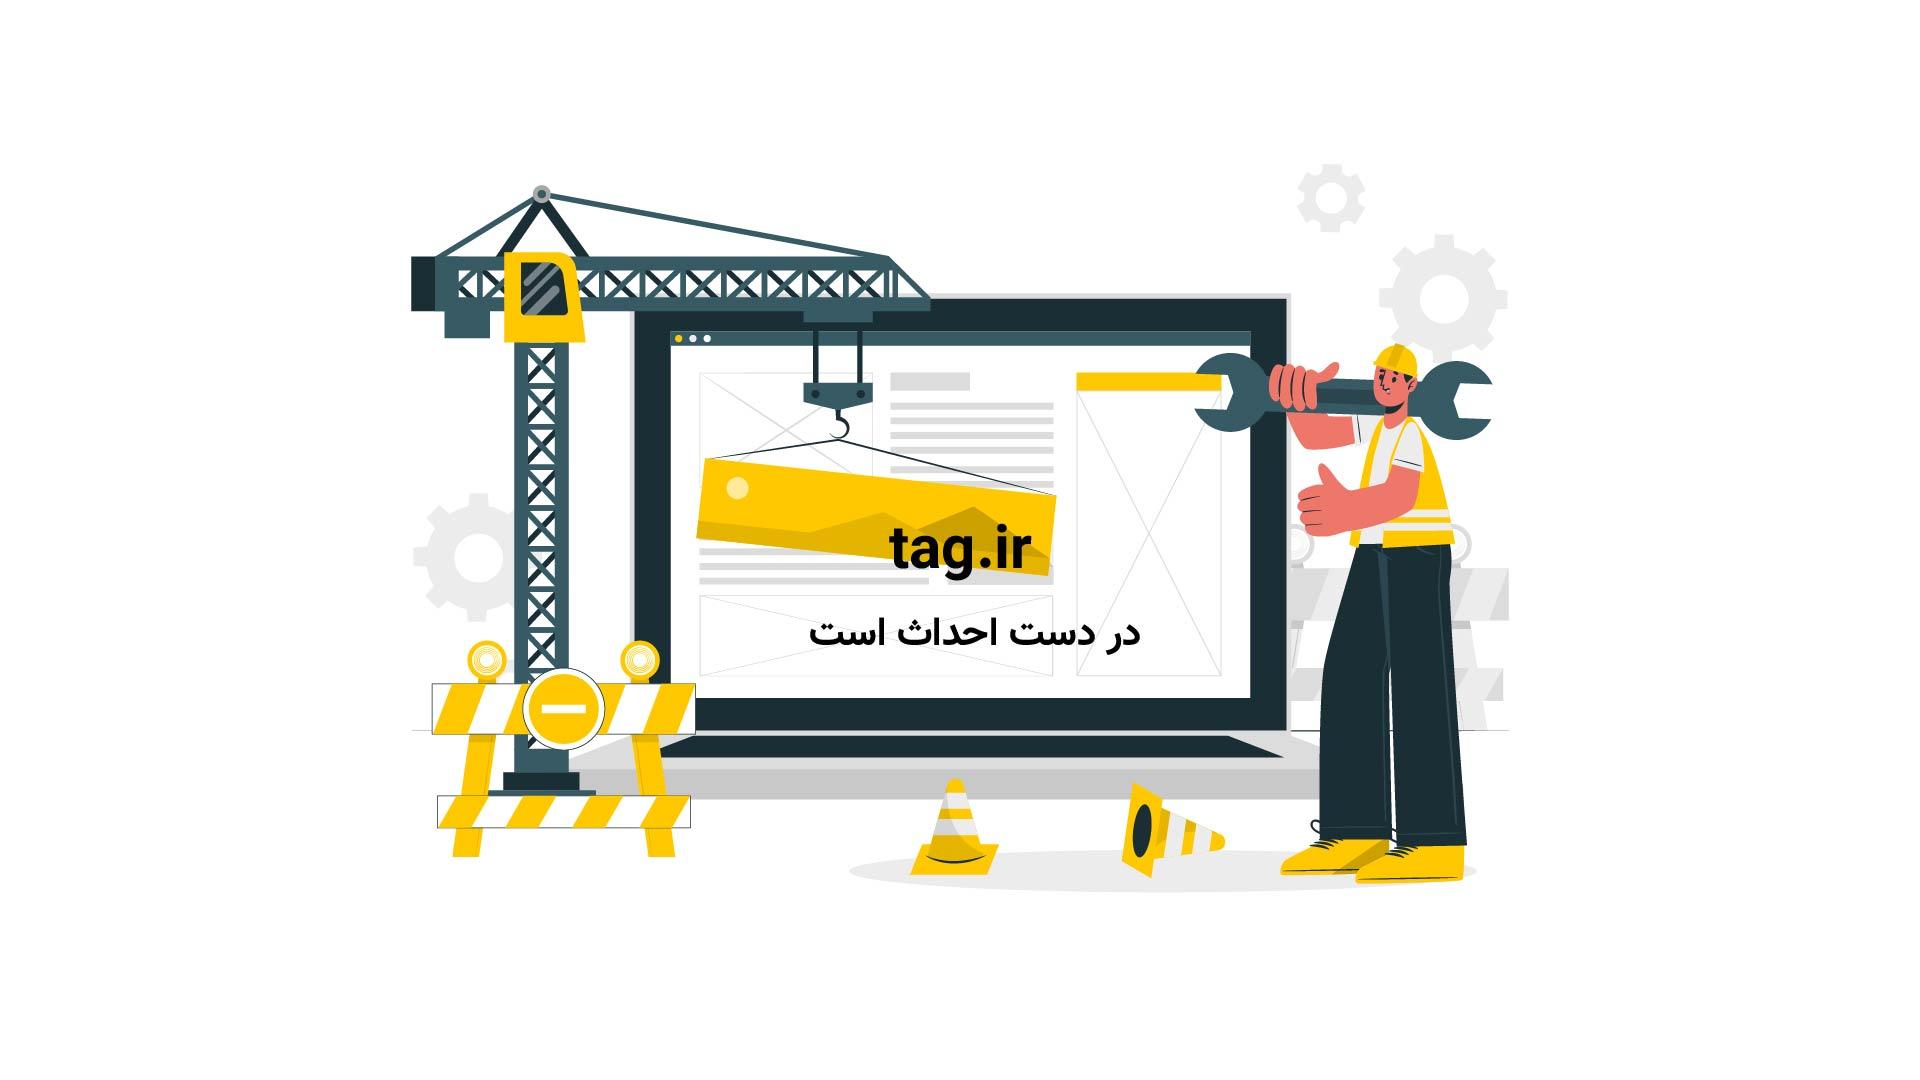 تصادف مرگبار خودرو با دوچرخهای در حال عبور از خیابان|تگ